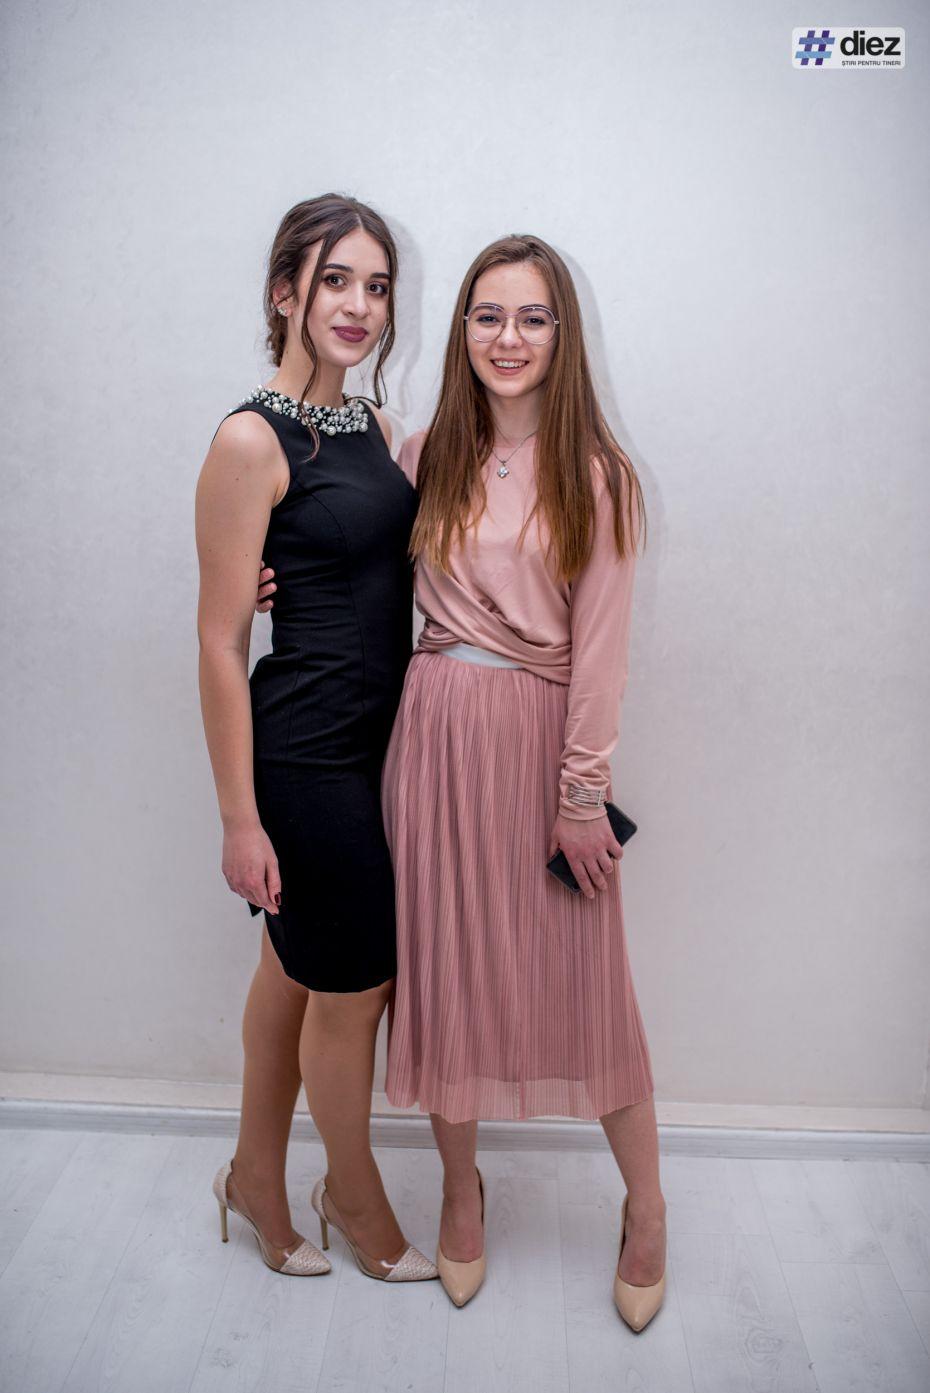 Miss asem 2019 (15)